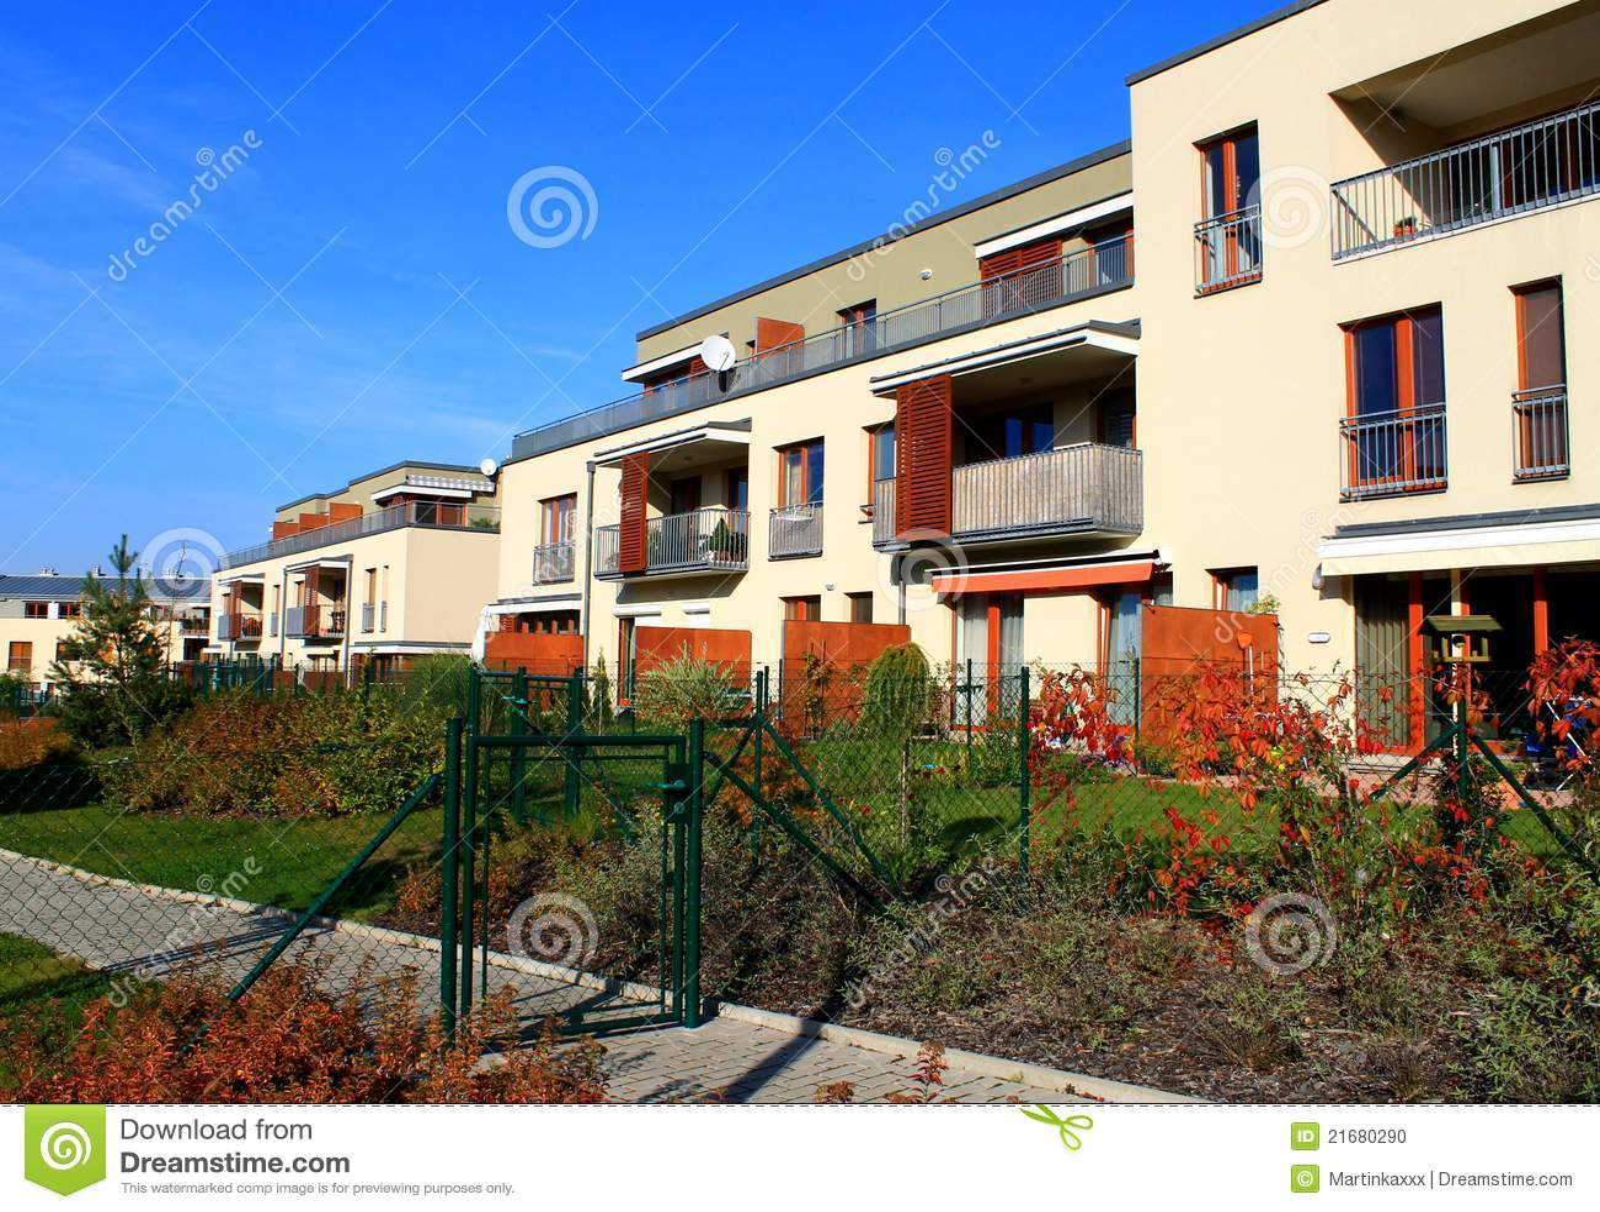 Blocco di appartamenti moderni con i giardini fotografia for Giardini moderni piccoli